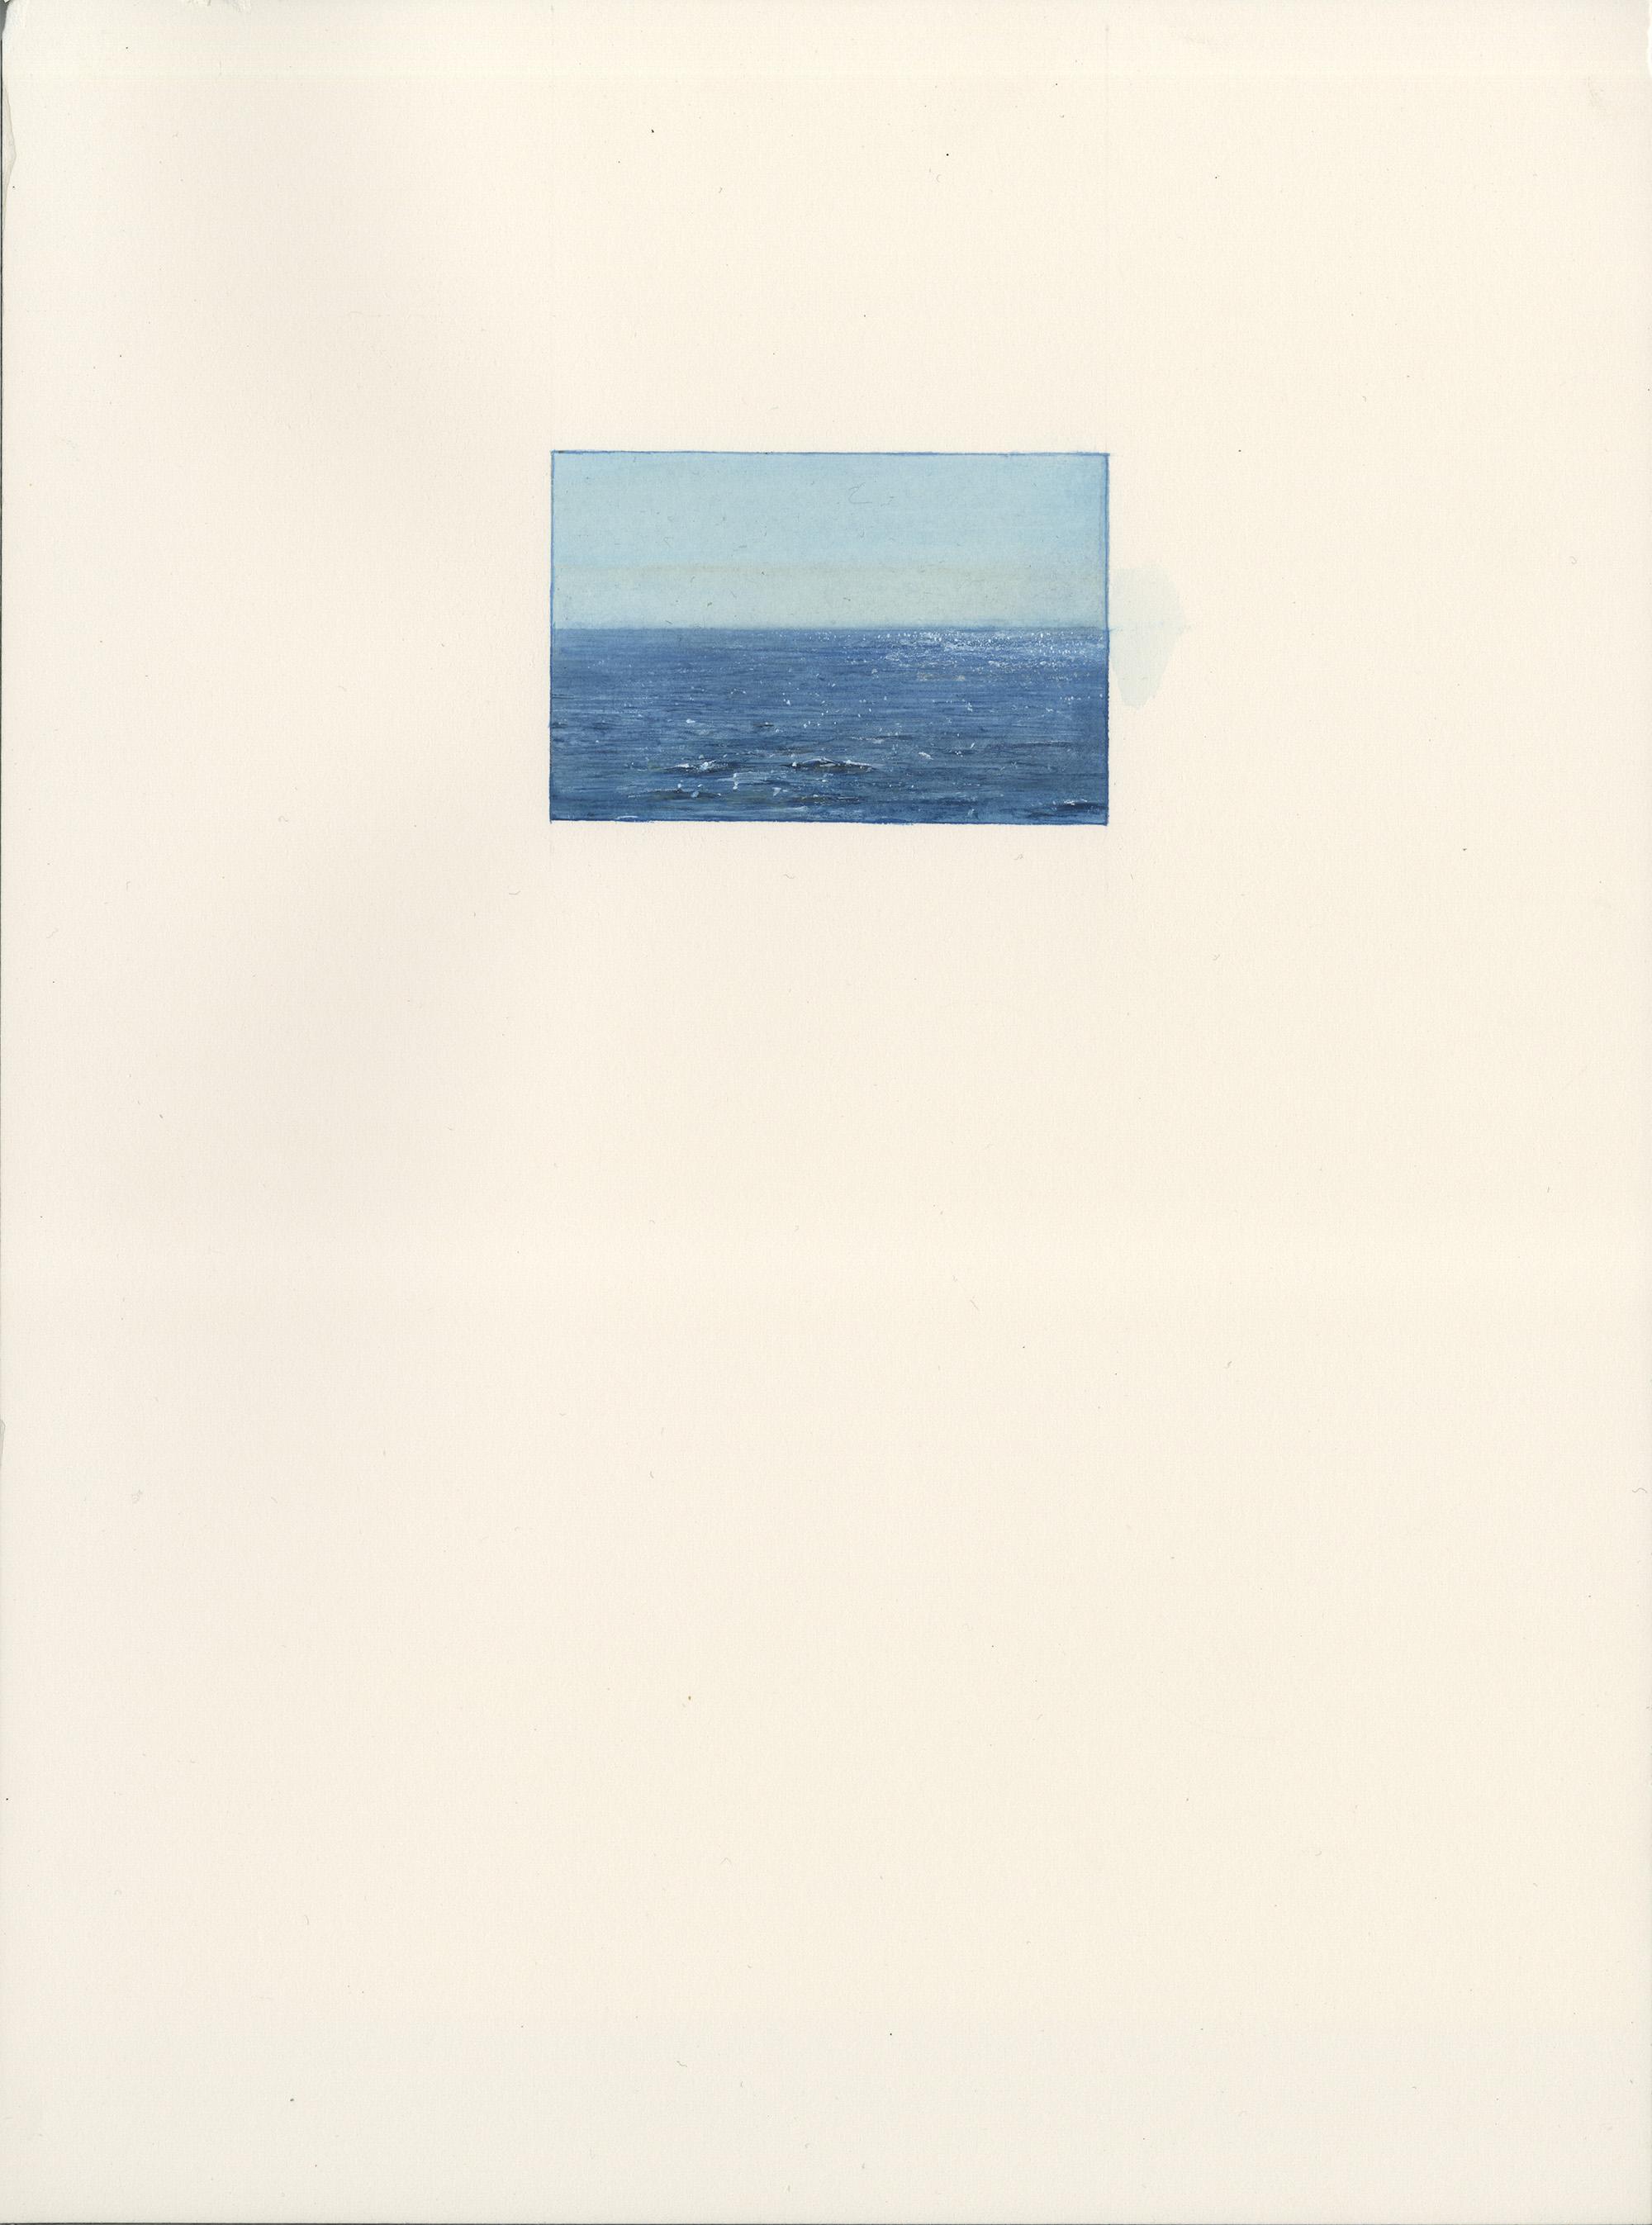 ocean_06.jpg